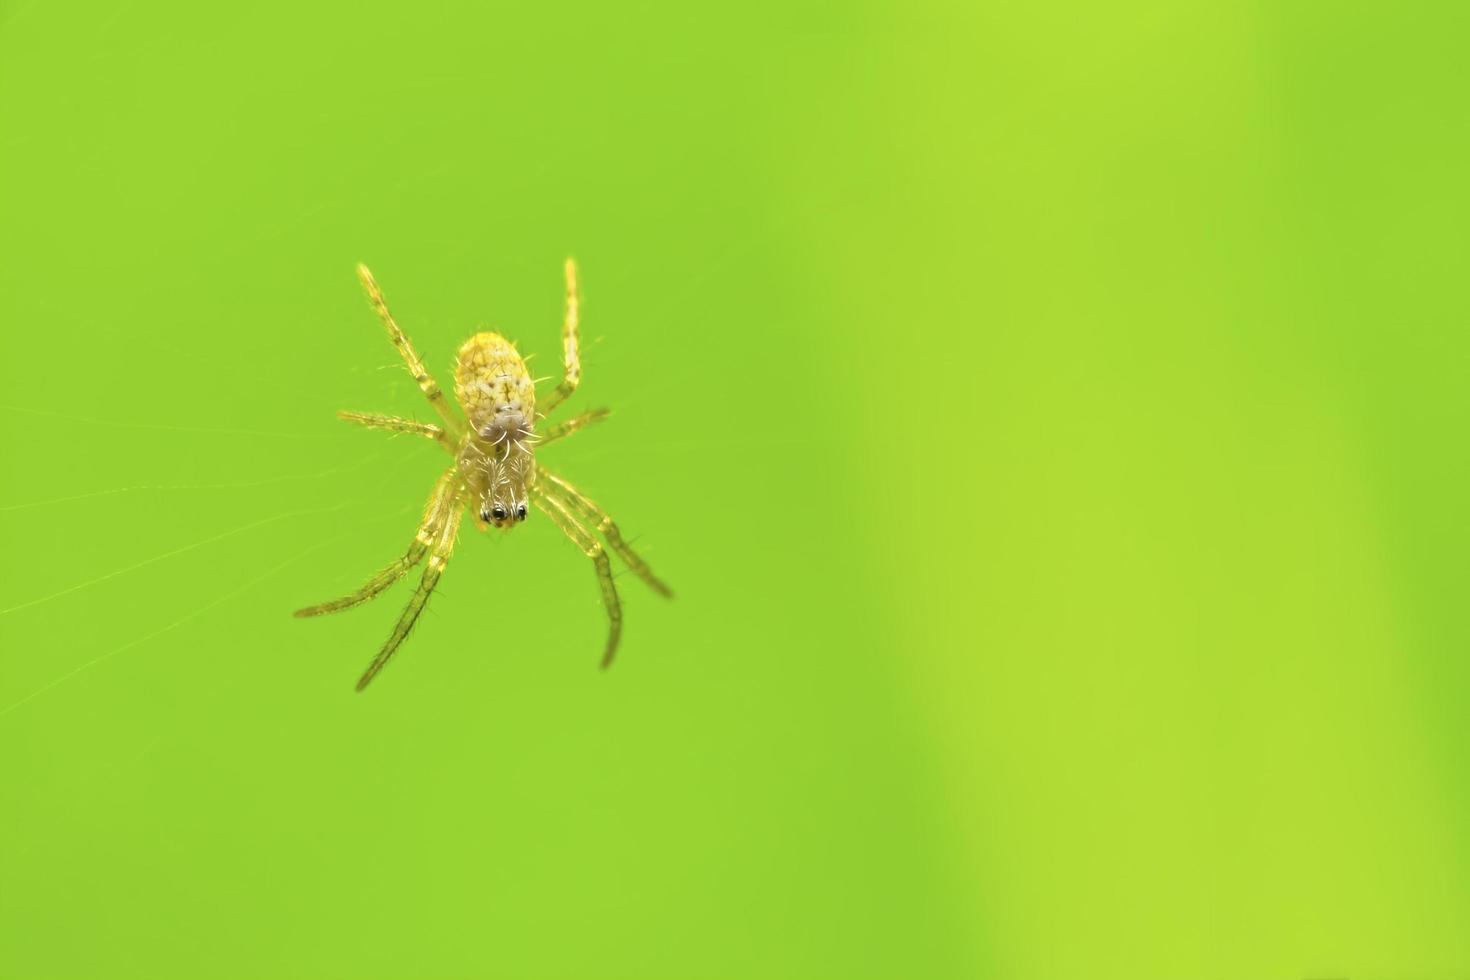 spin op spinnenweb en groene achtergrond foto